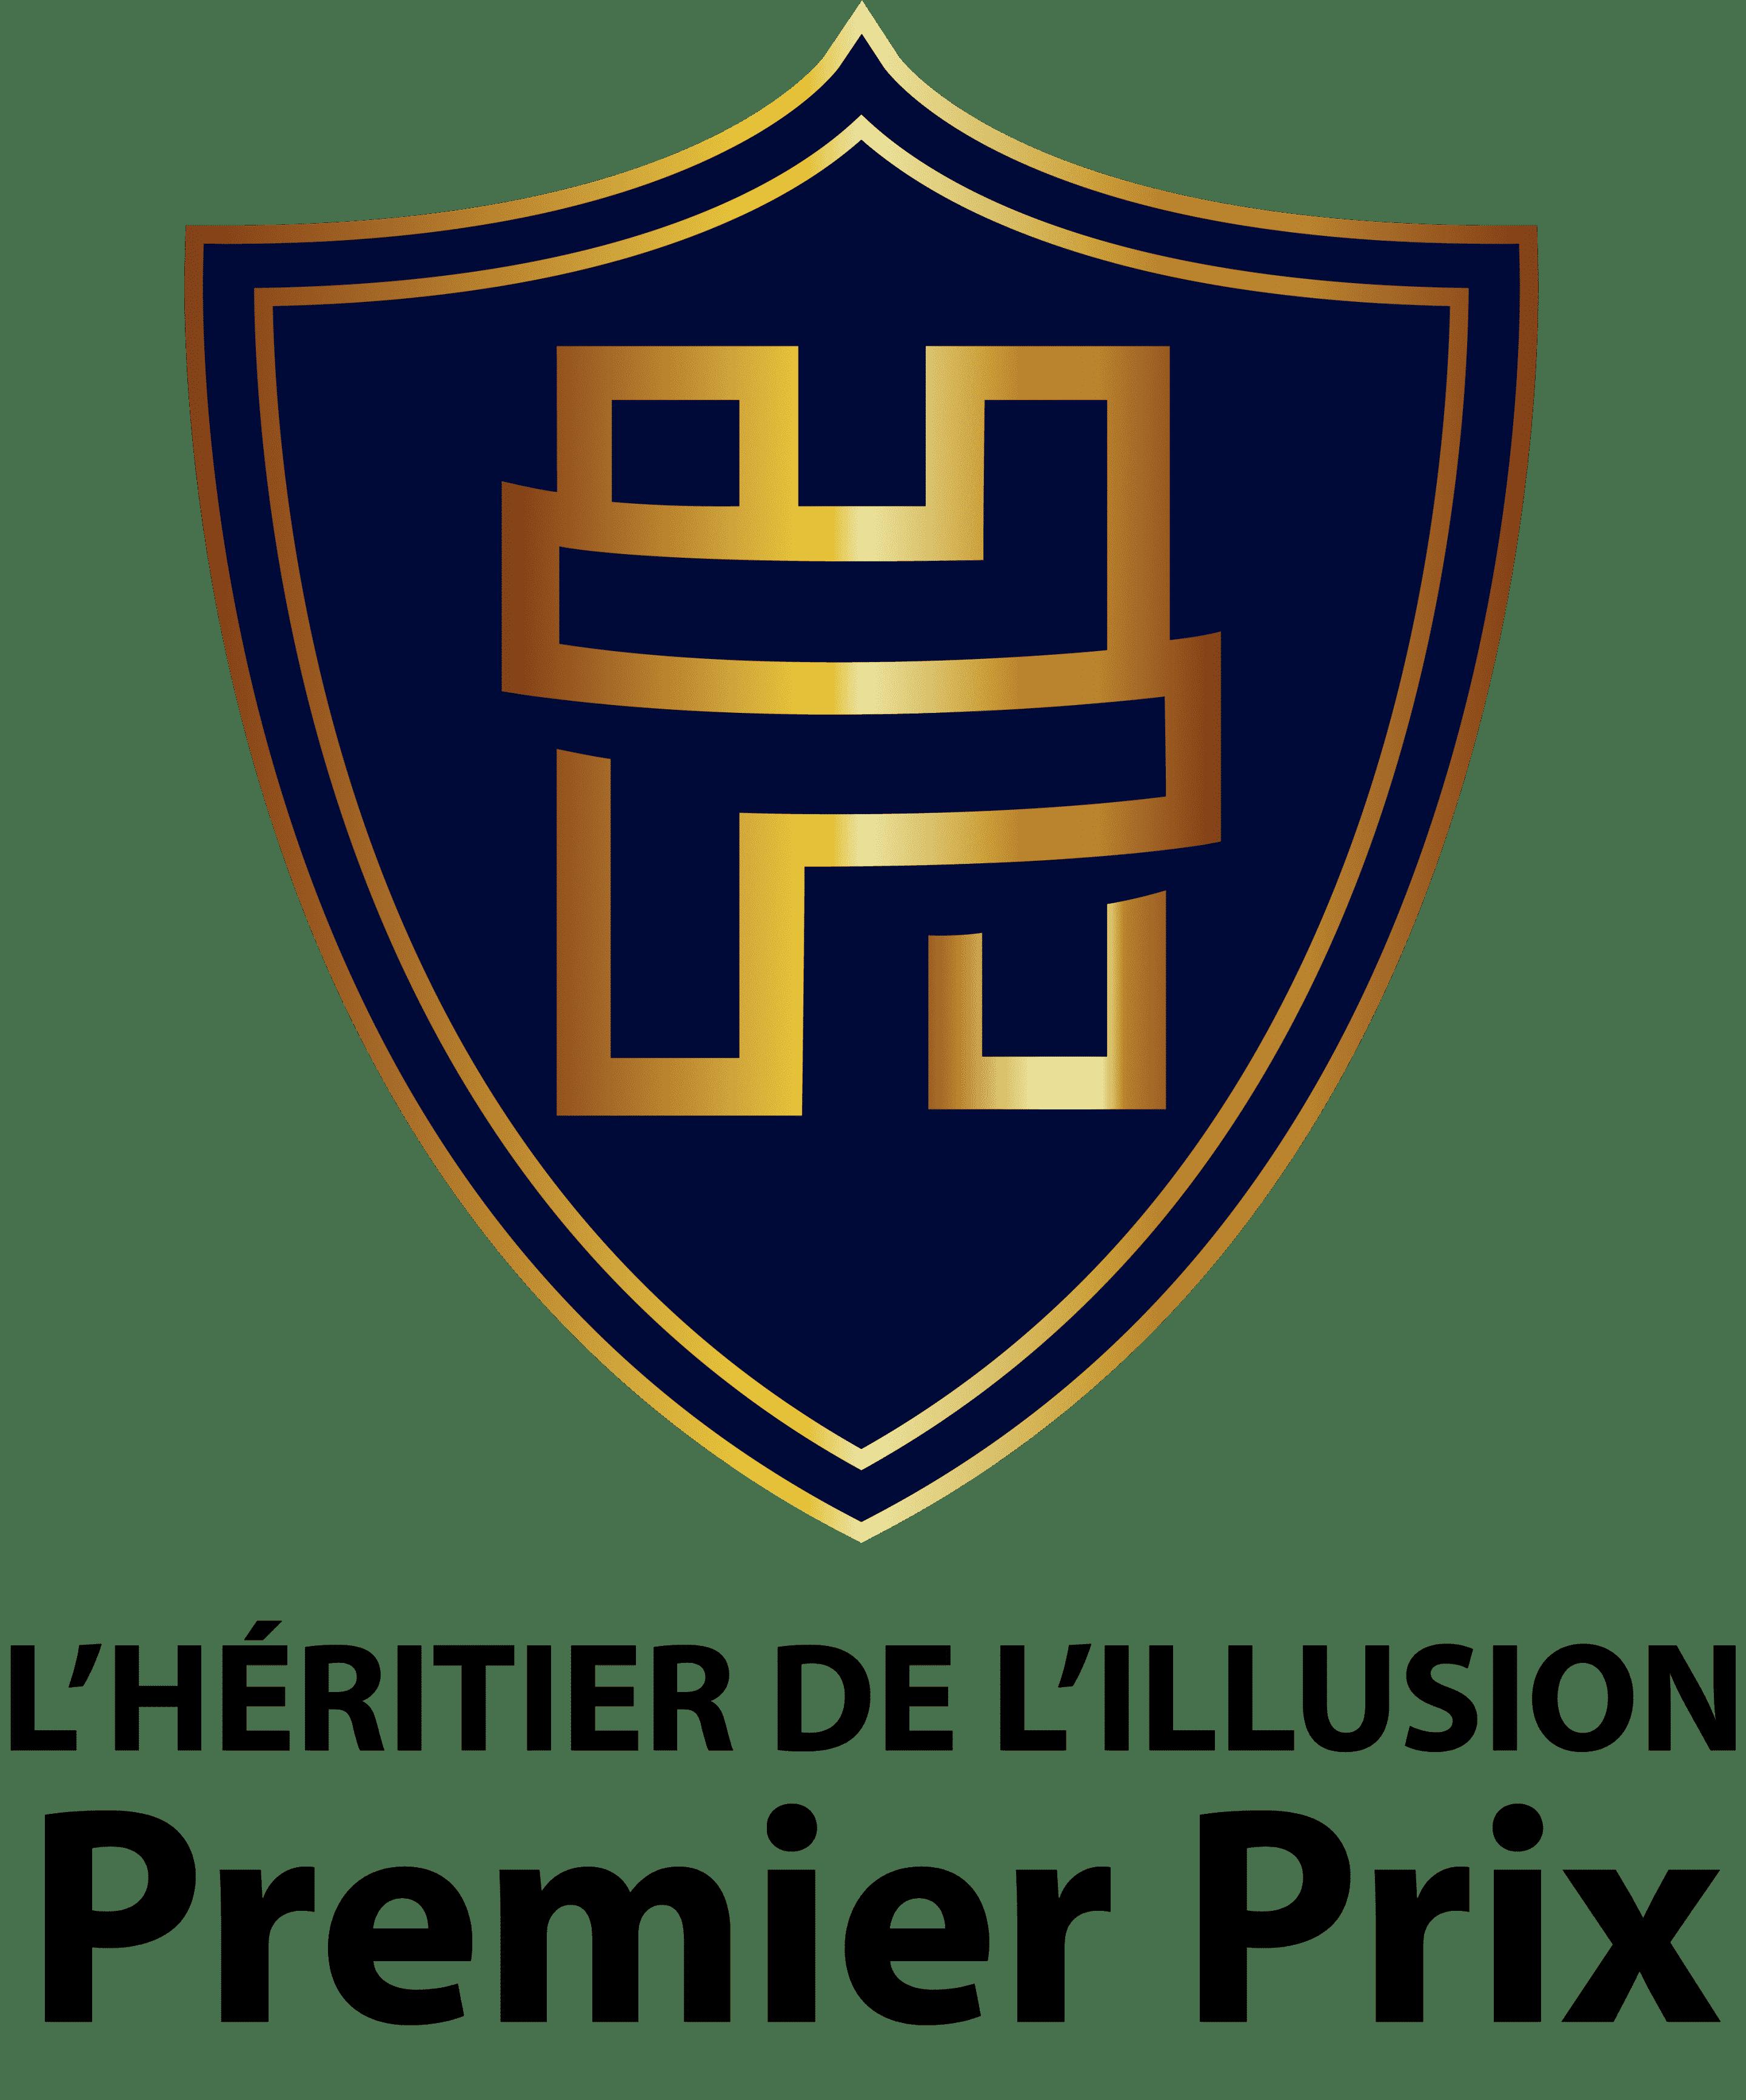 Héritier d'Or - Premier Prix - Charte graphique